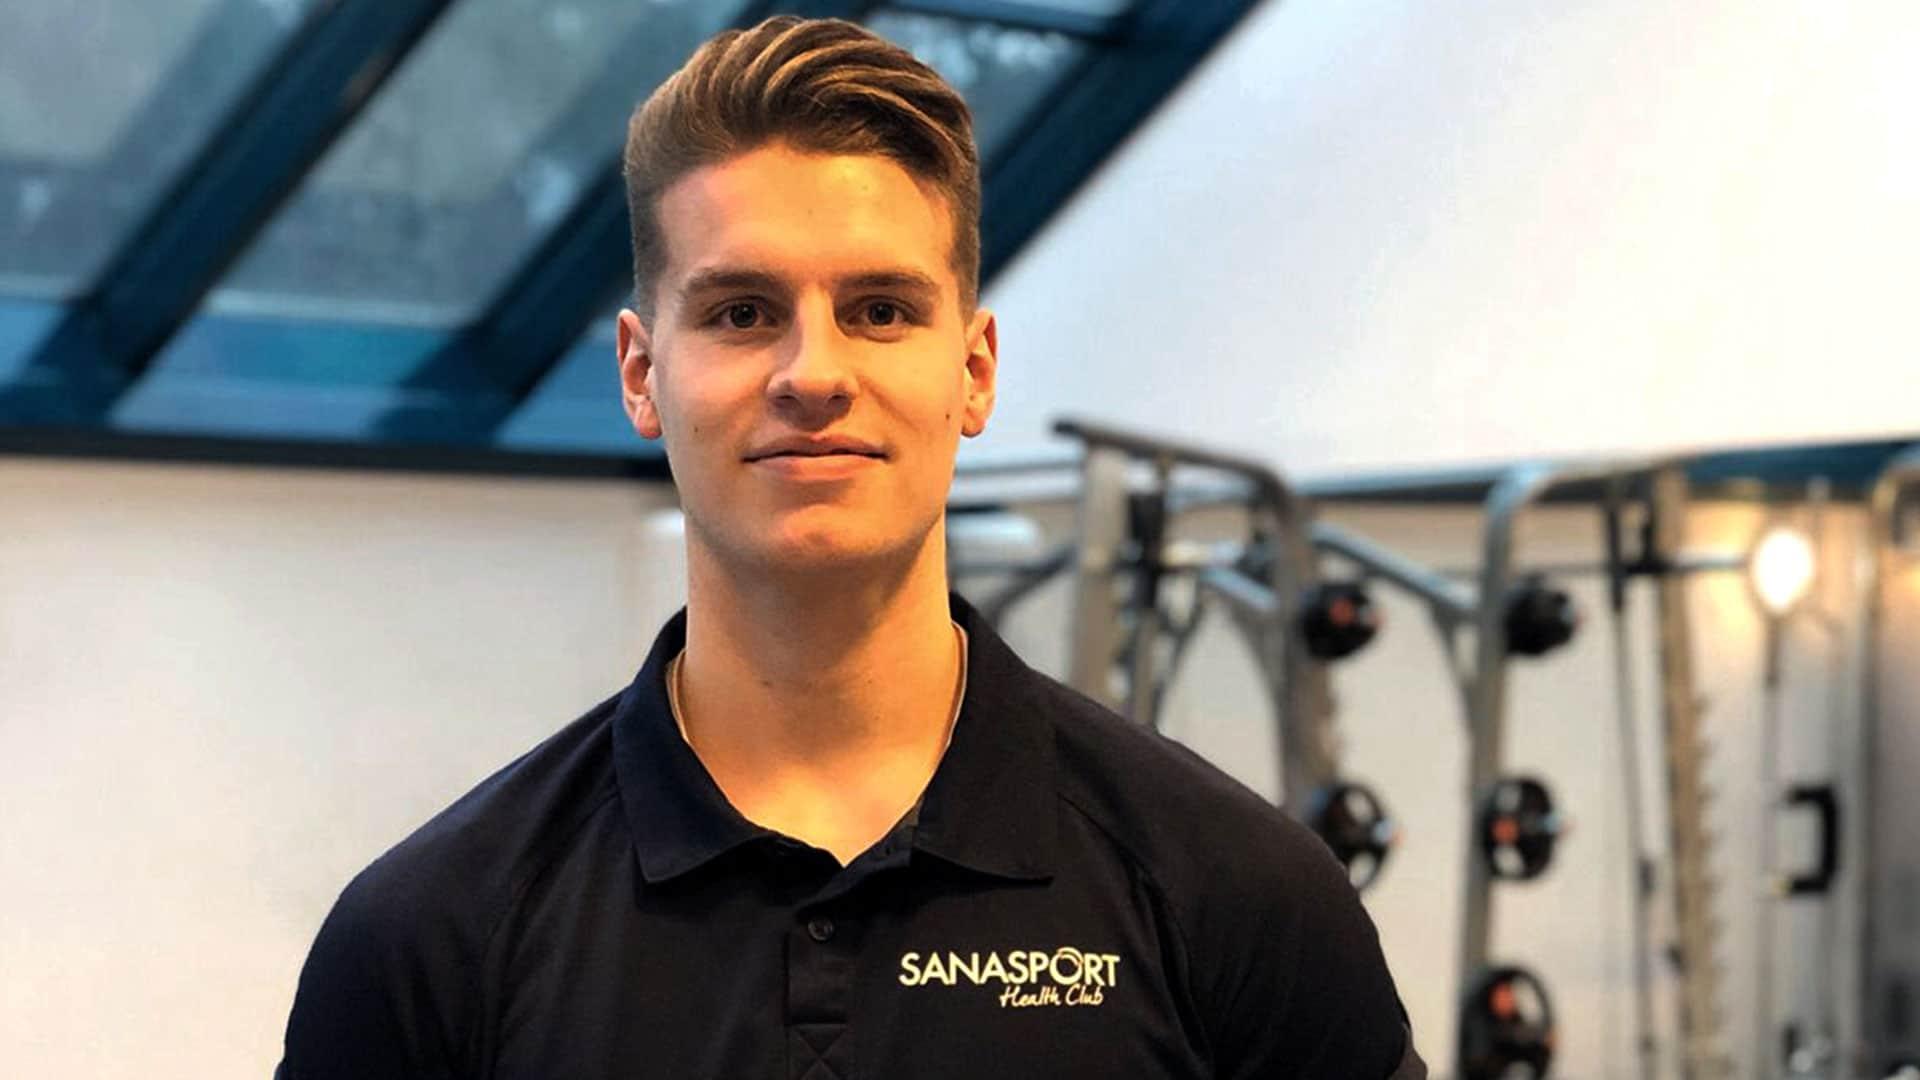 Erik-Jan van Thull